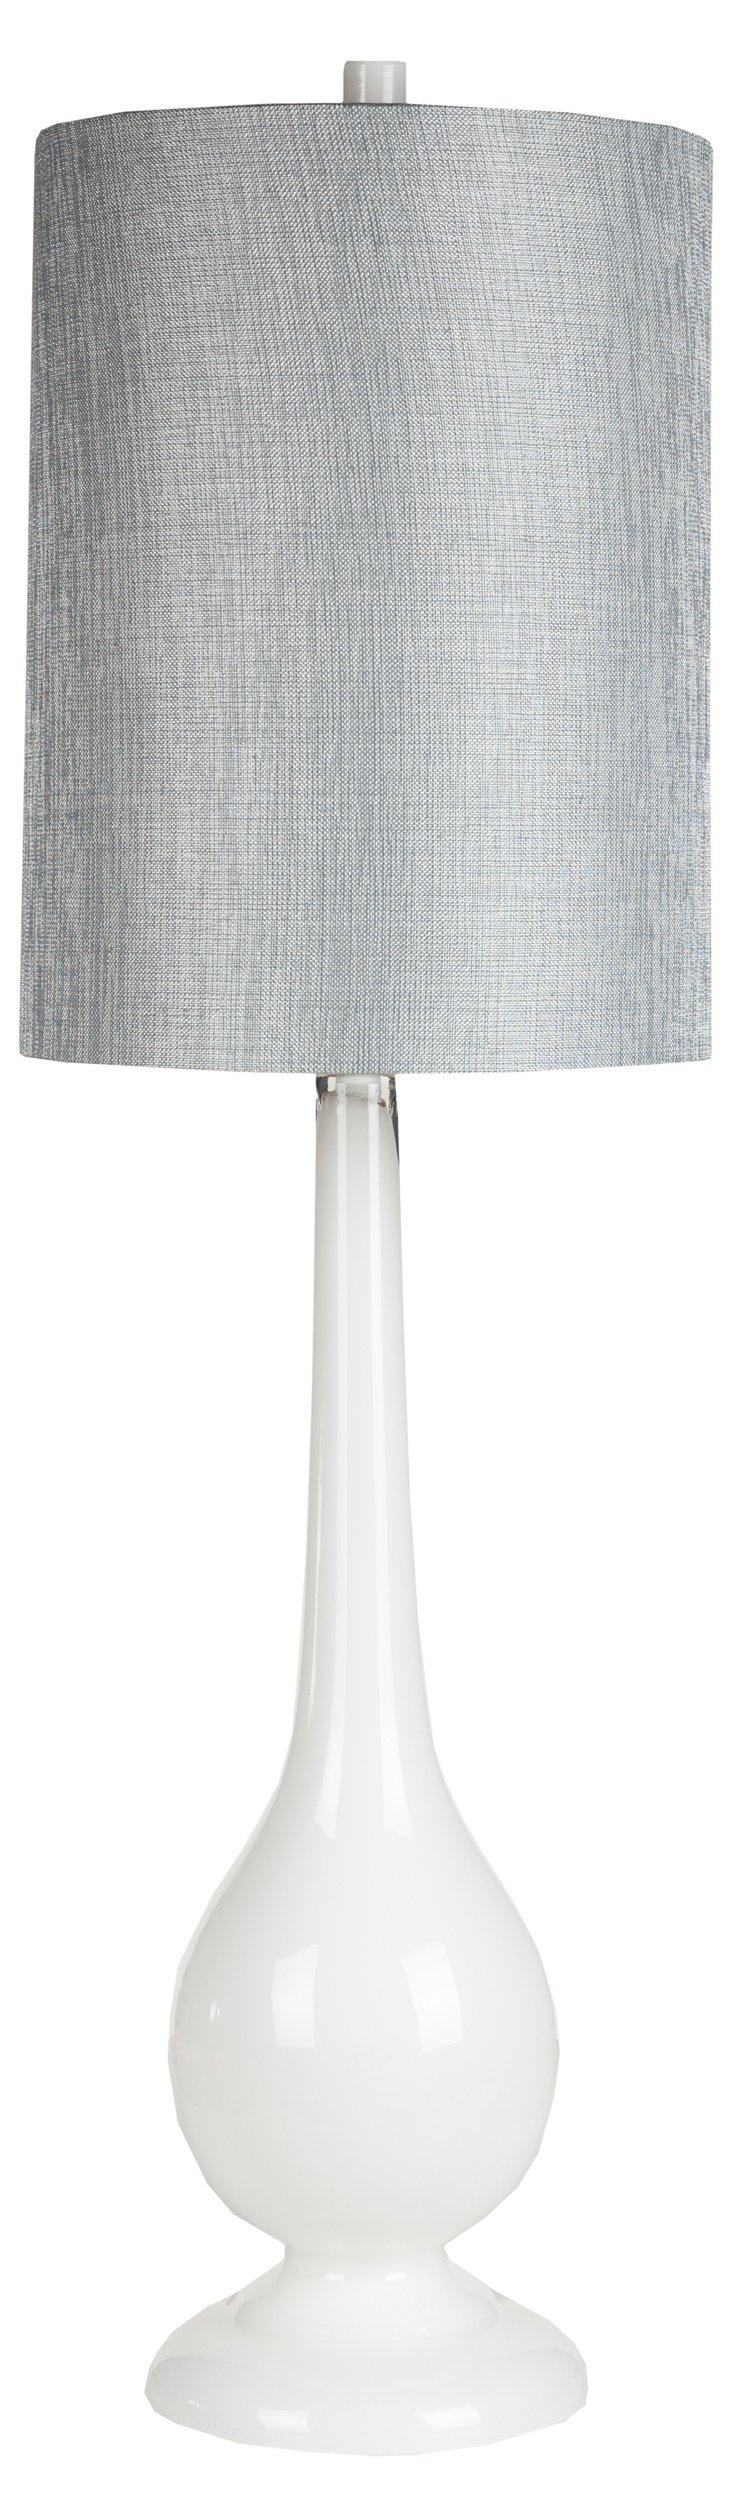 Retro-Inspired Lamp, Milk